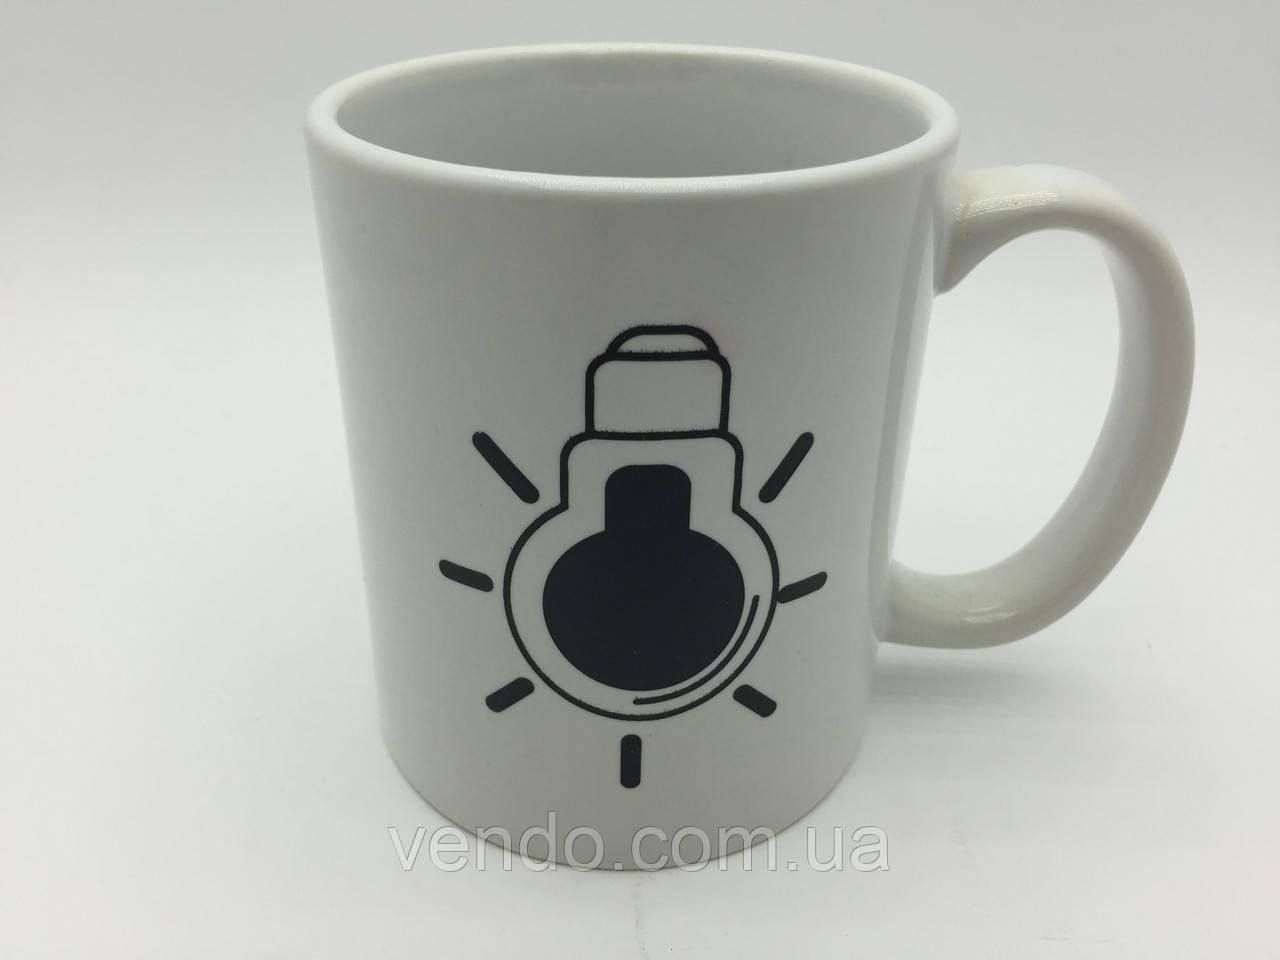 Кружка-чашка хамелеон Лампочка белая